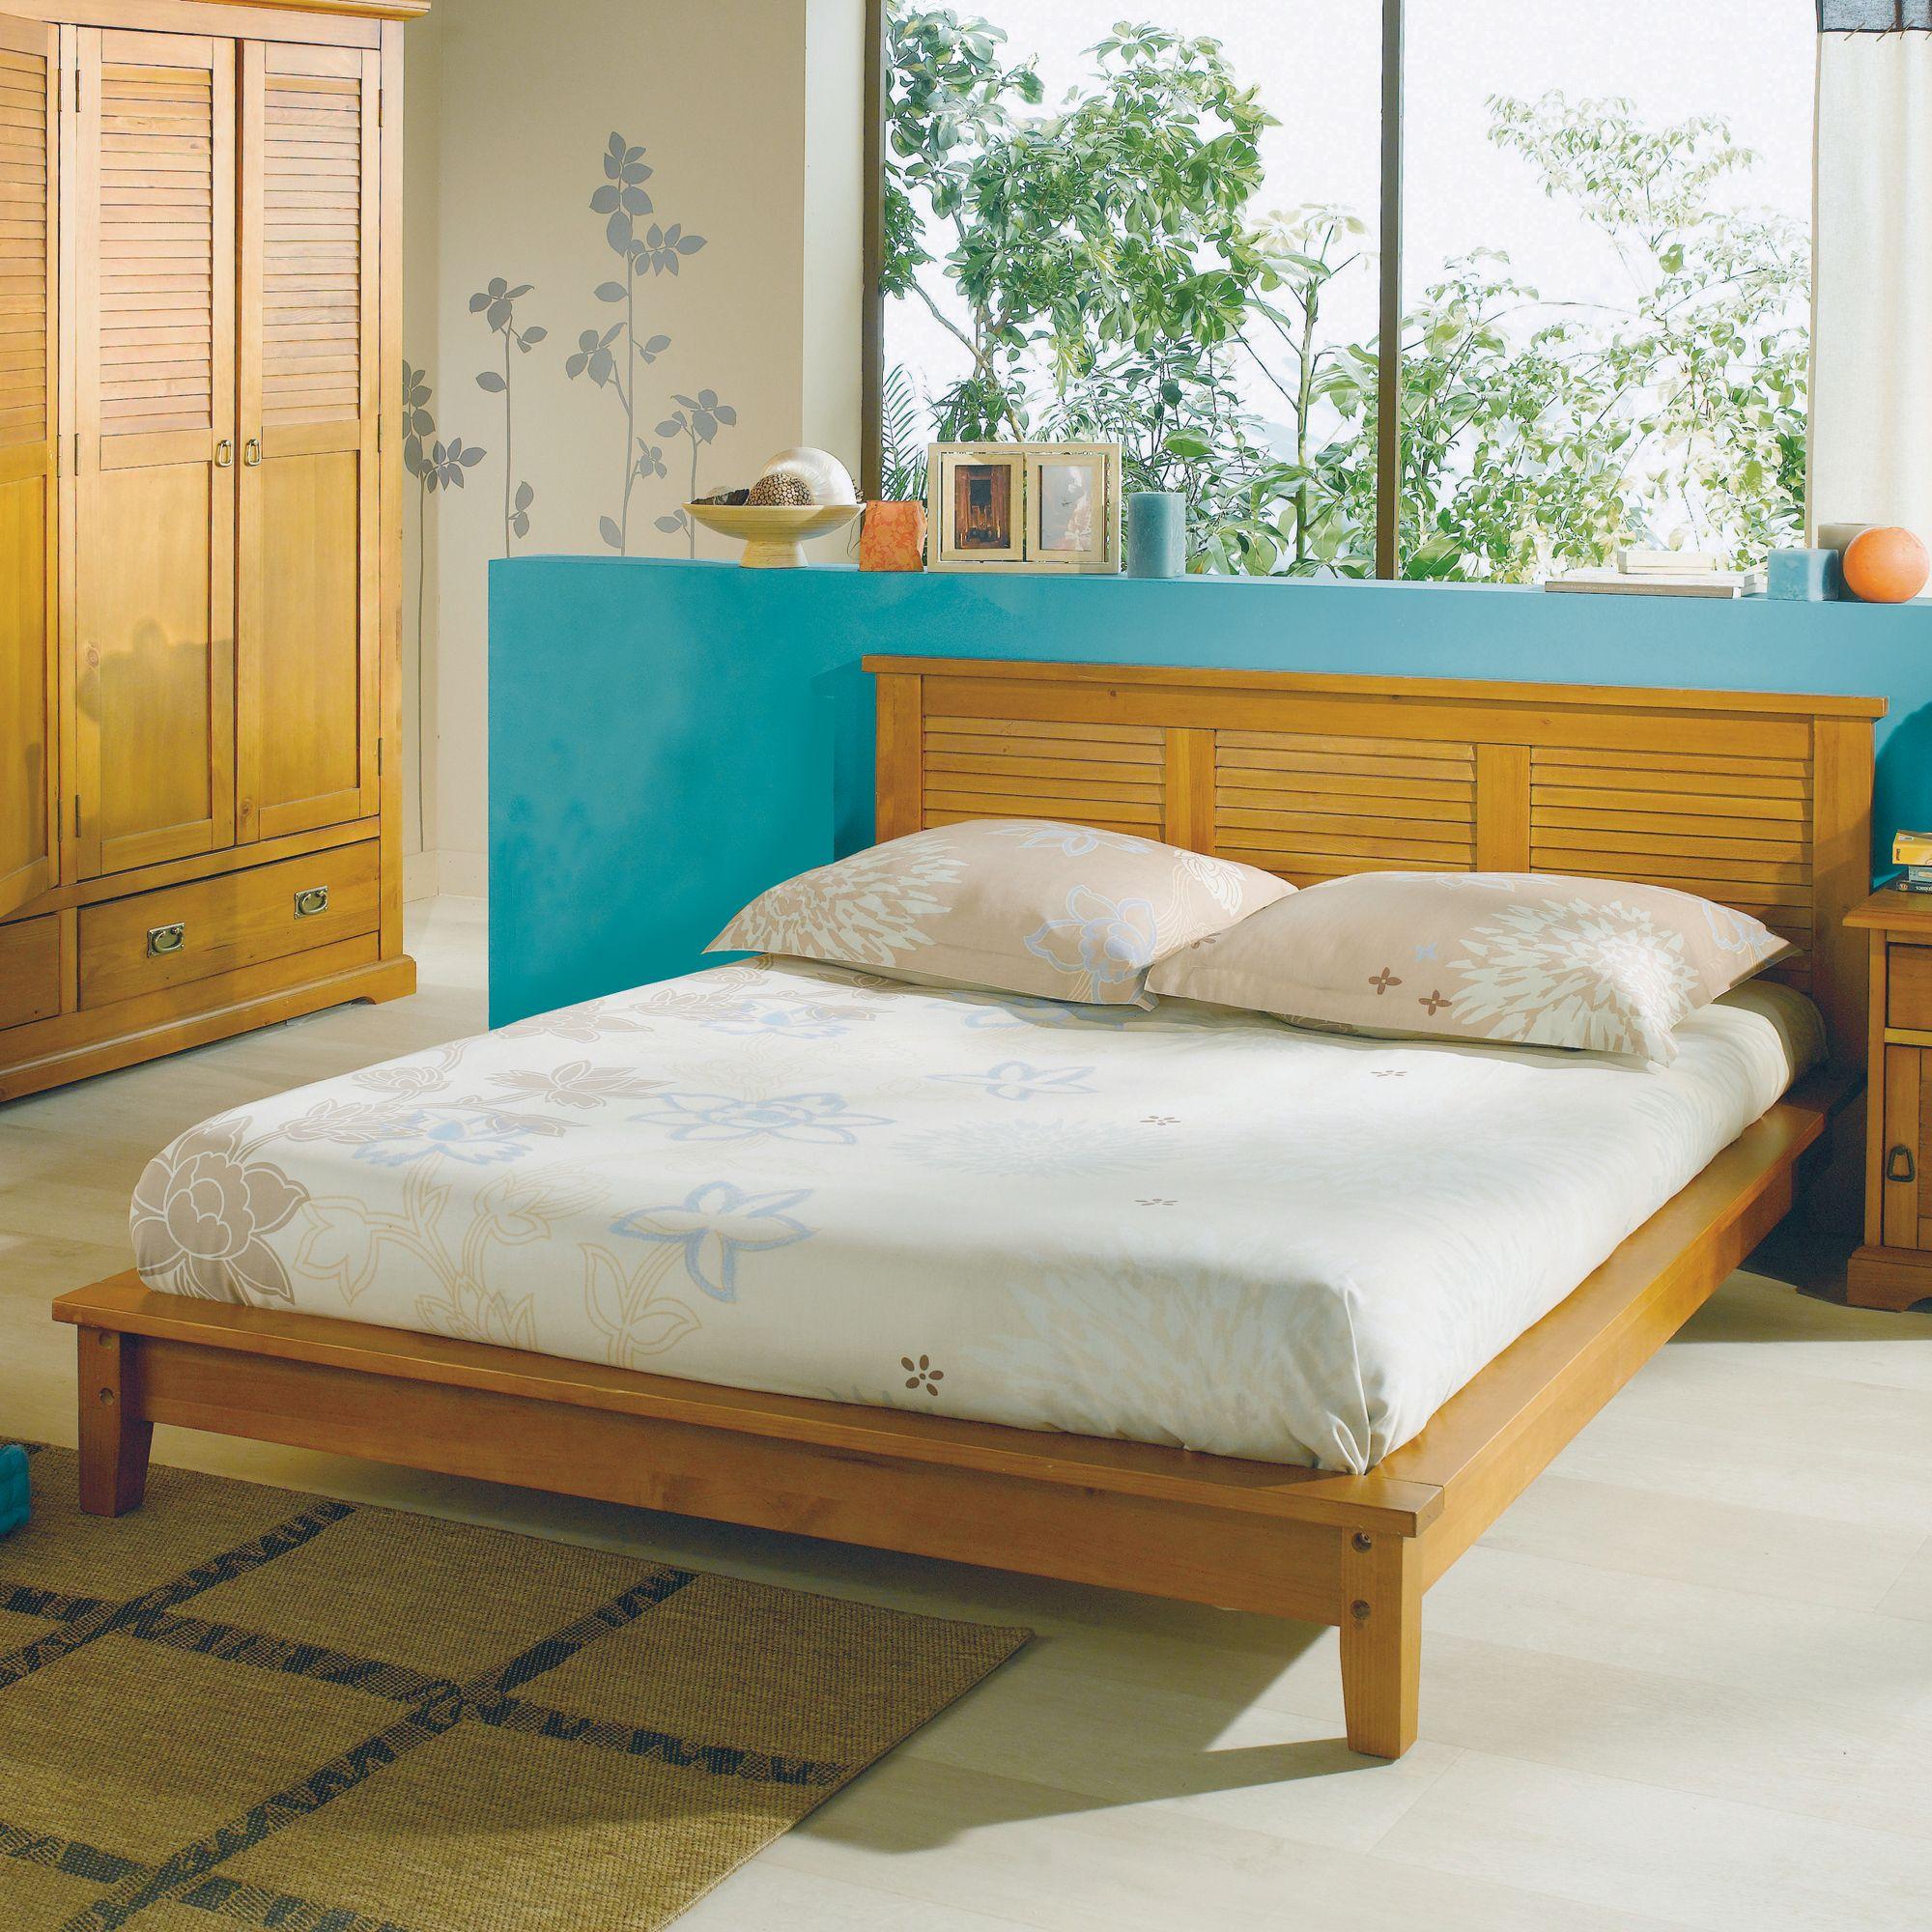 Lit La Maison De Valerie Lit 140 X 190 Cm Colonial Miel